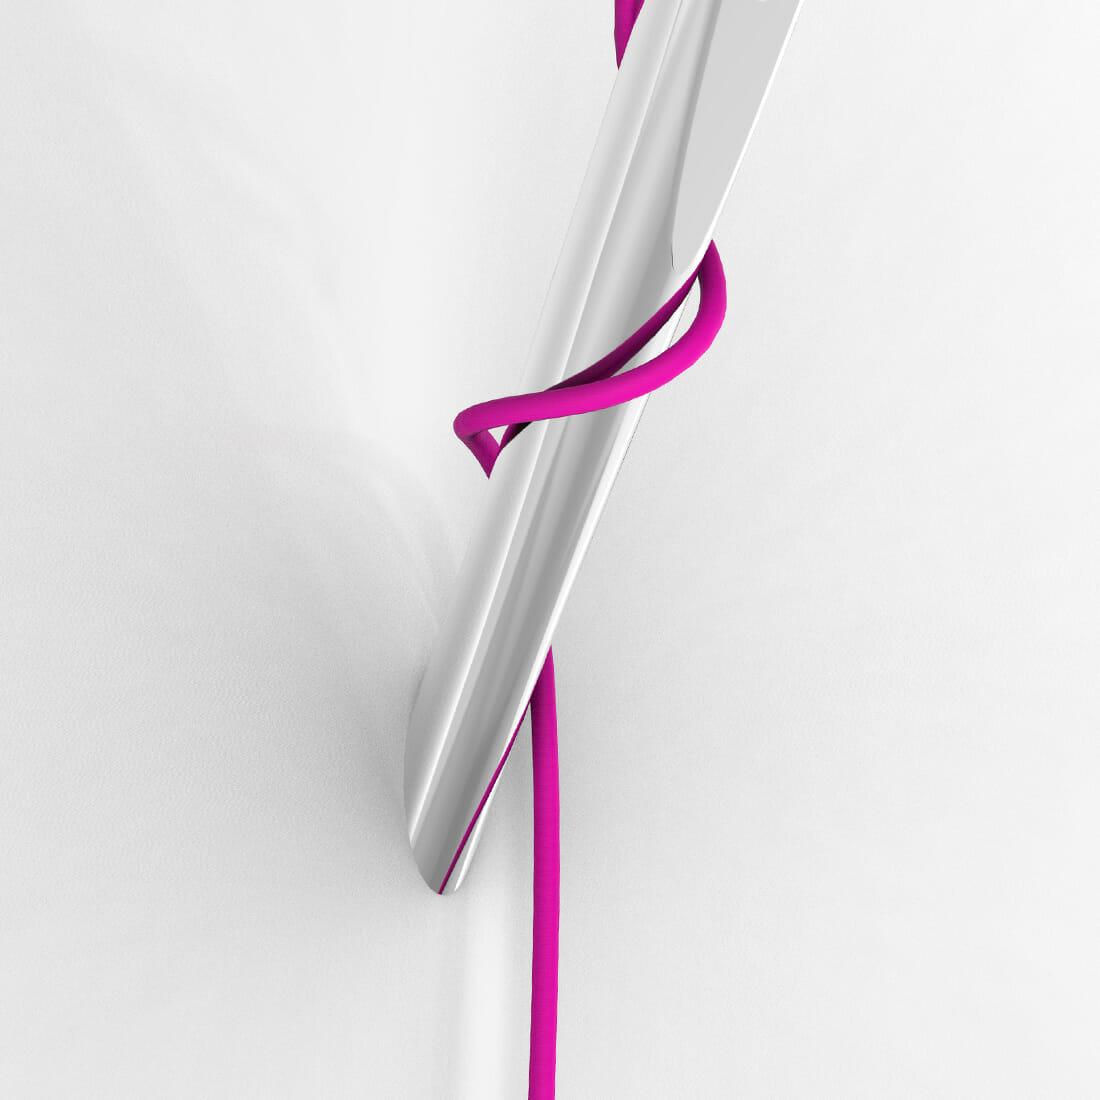 Ago Applique Light Concept Designer Alberto De Siati